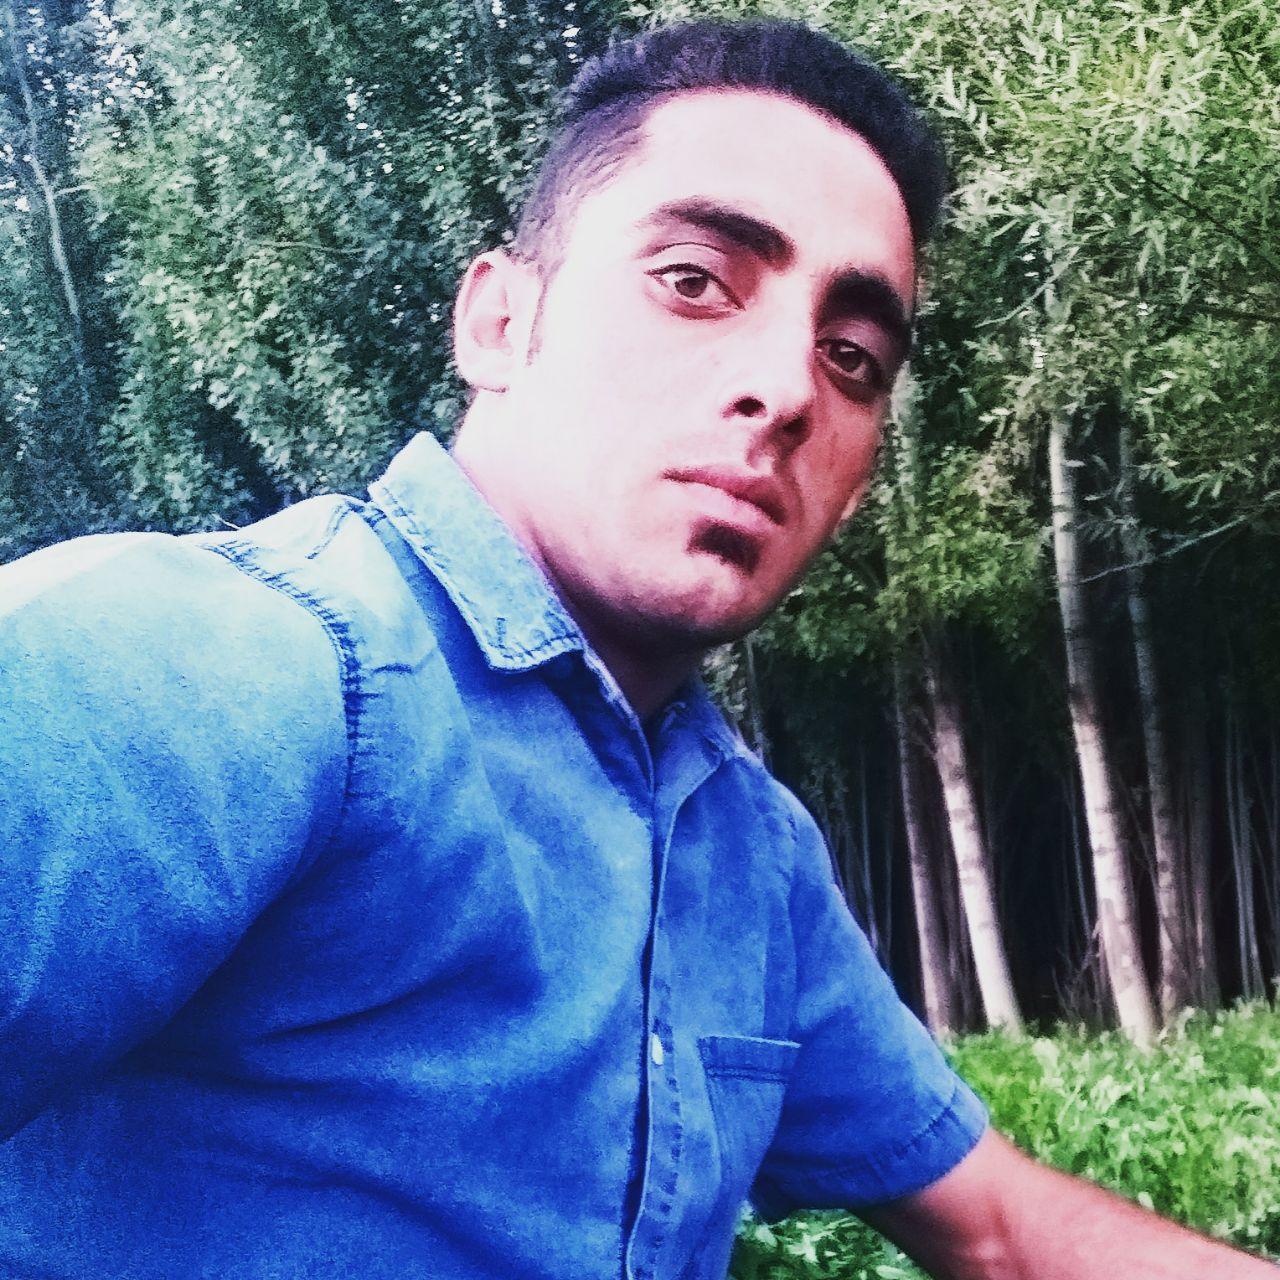 آهنگ عشق زندونی از علی عزیزپور